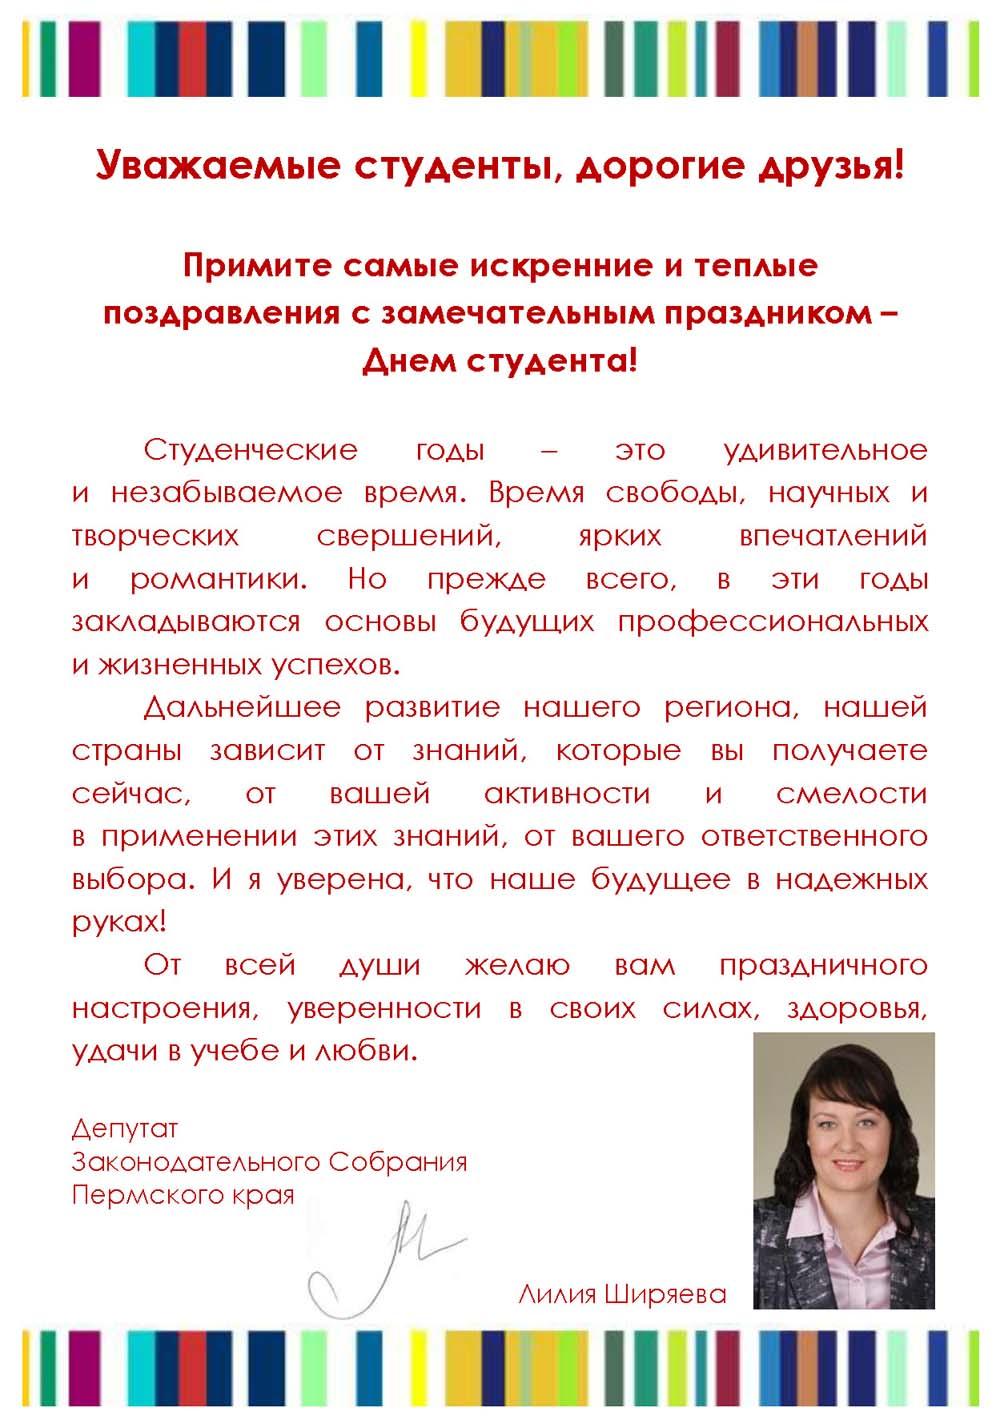 Поздравление депутату законодательного собрания с днем рождения